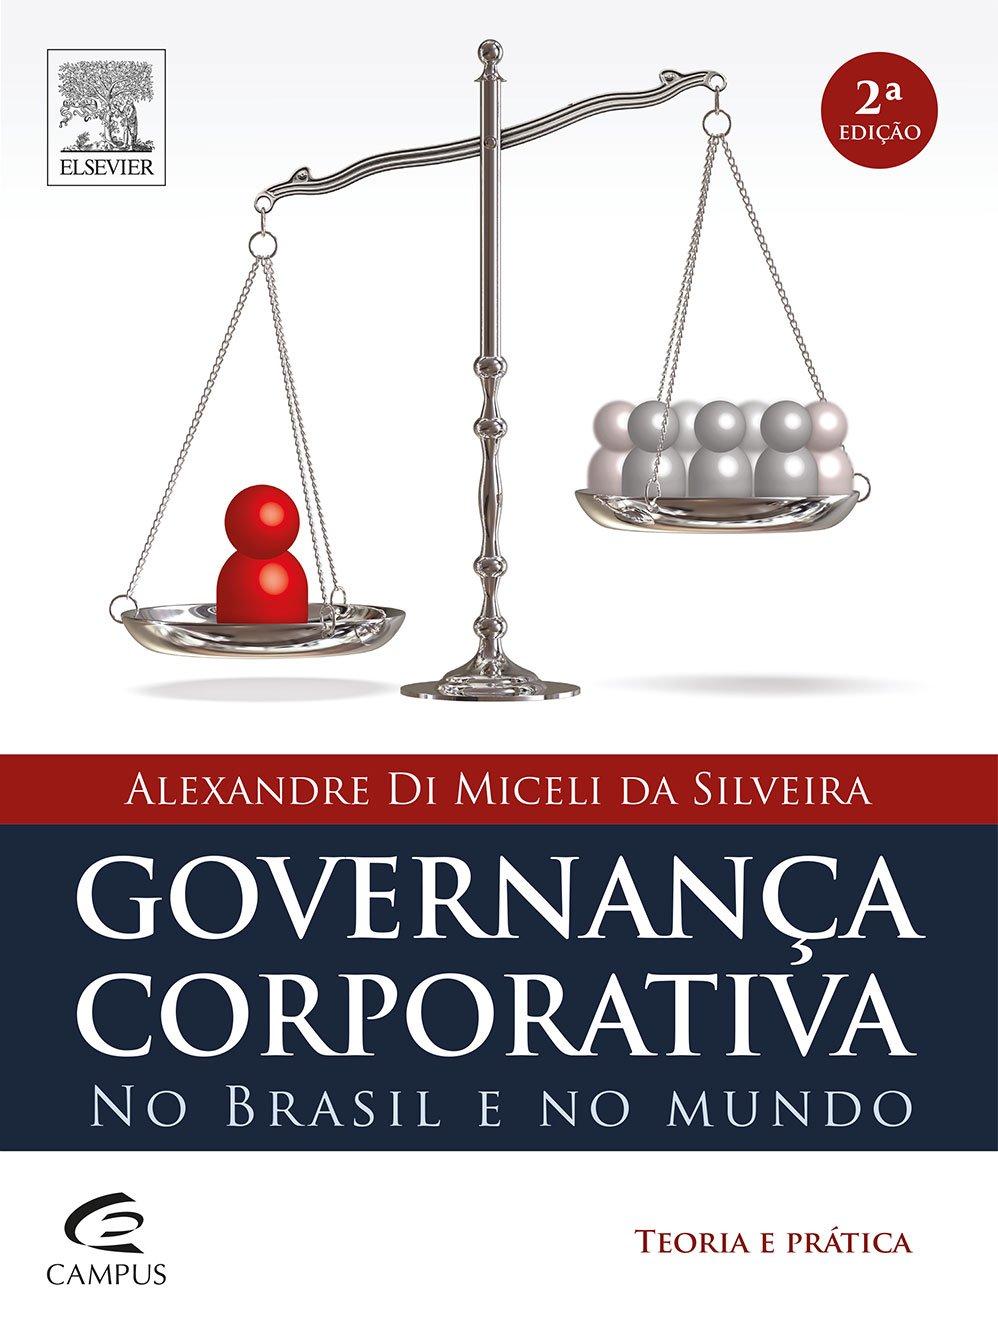 Download Governanca Corporativa No Brasil e no Mundo: Teoria e Pratica ebook